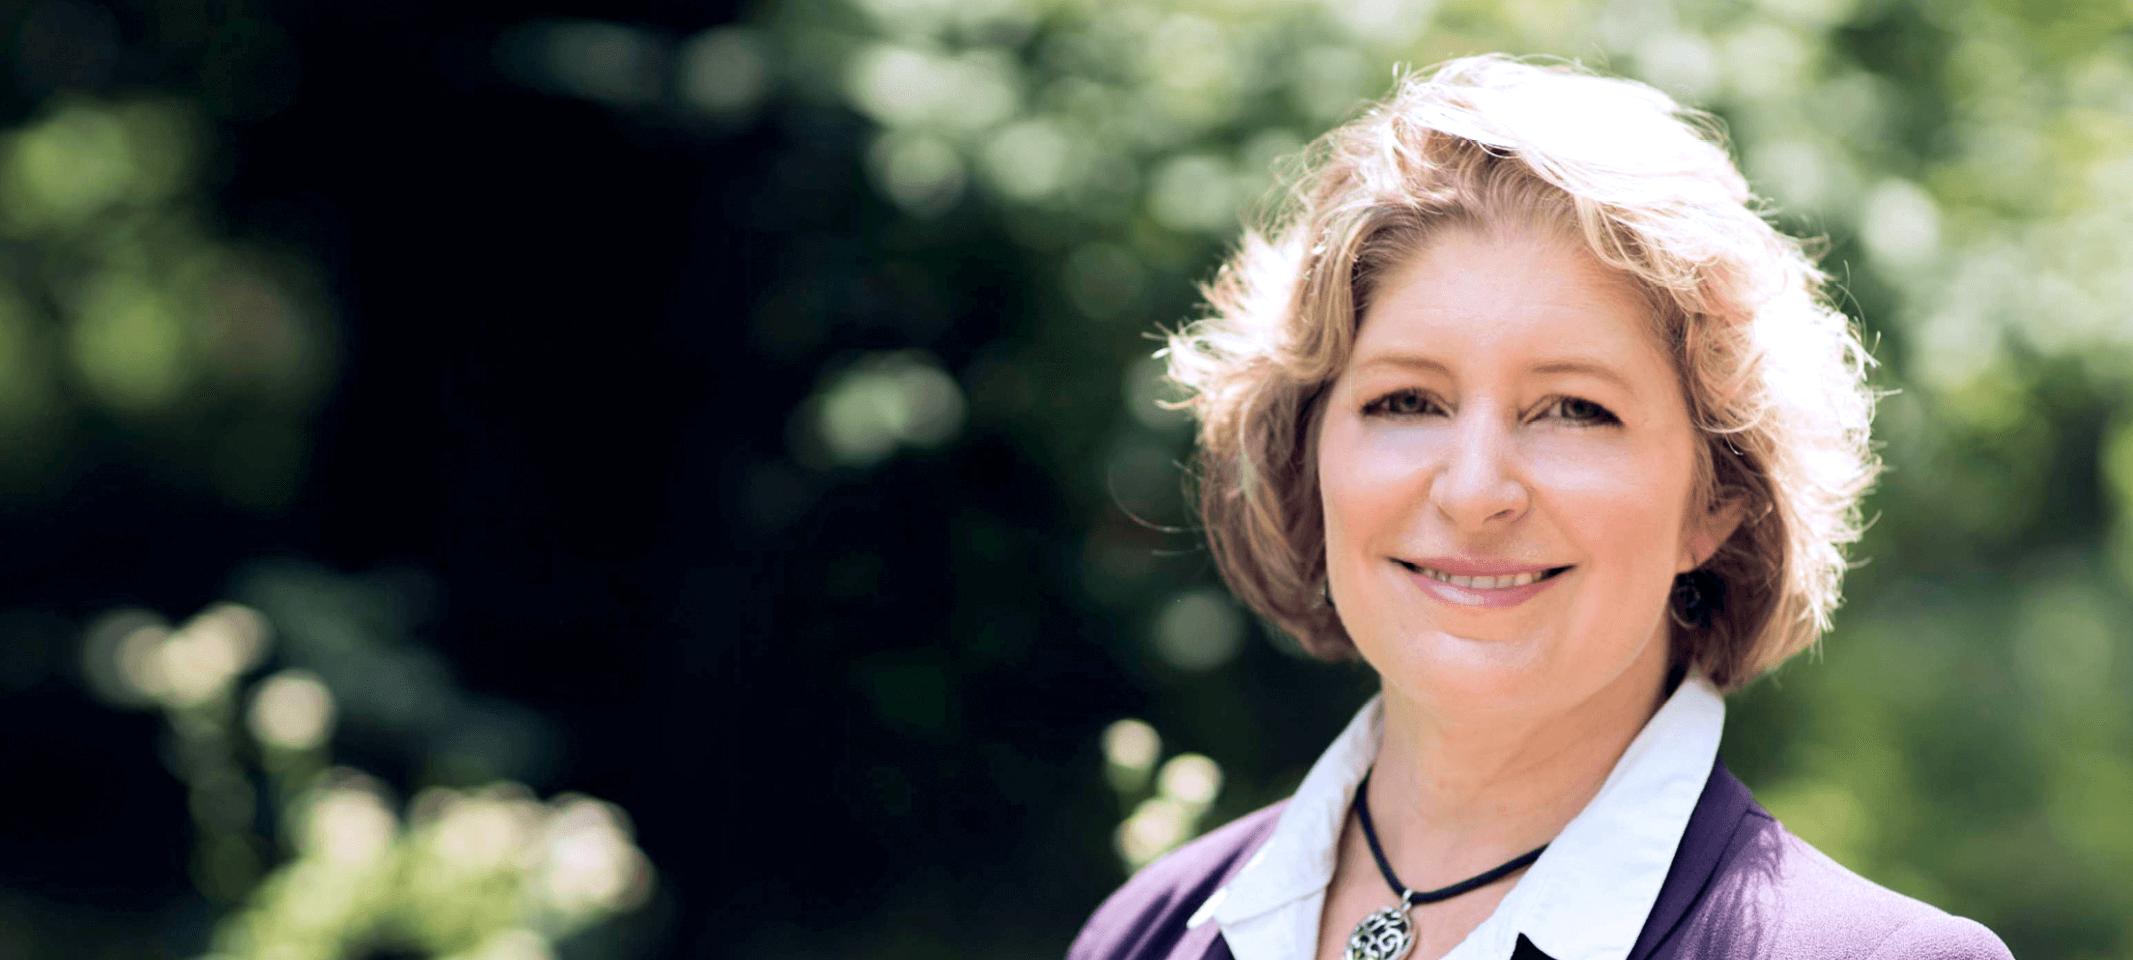 Tammy Kochel: Adding Communication to Community Policing